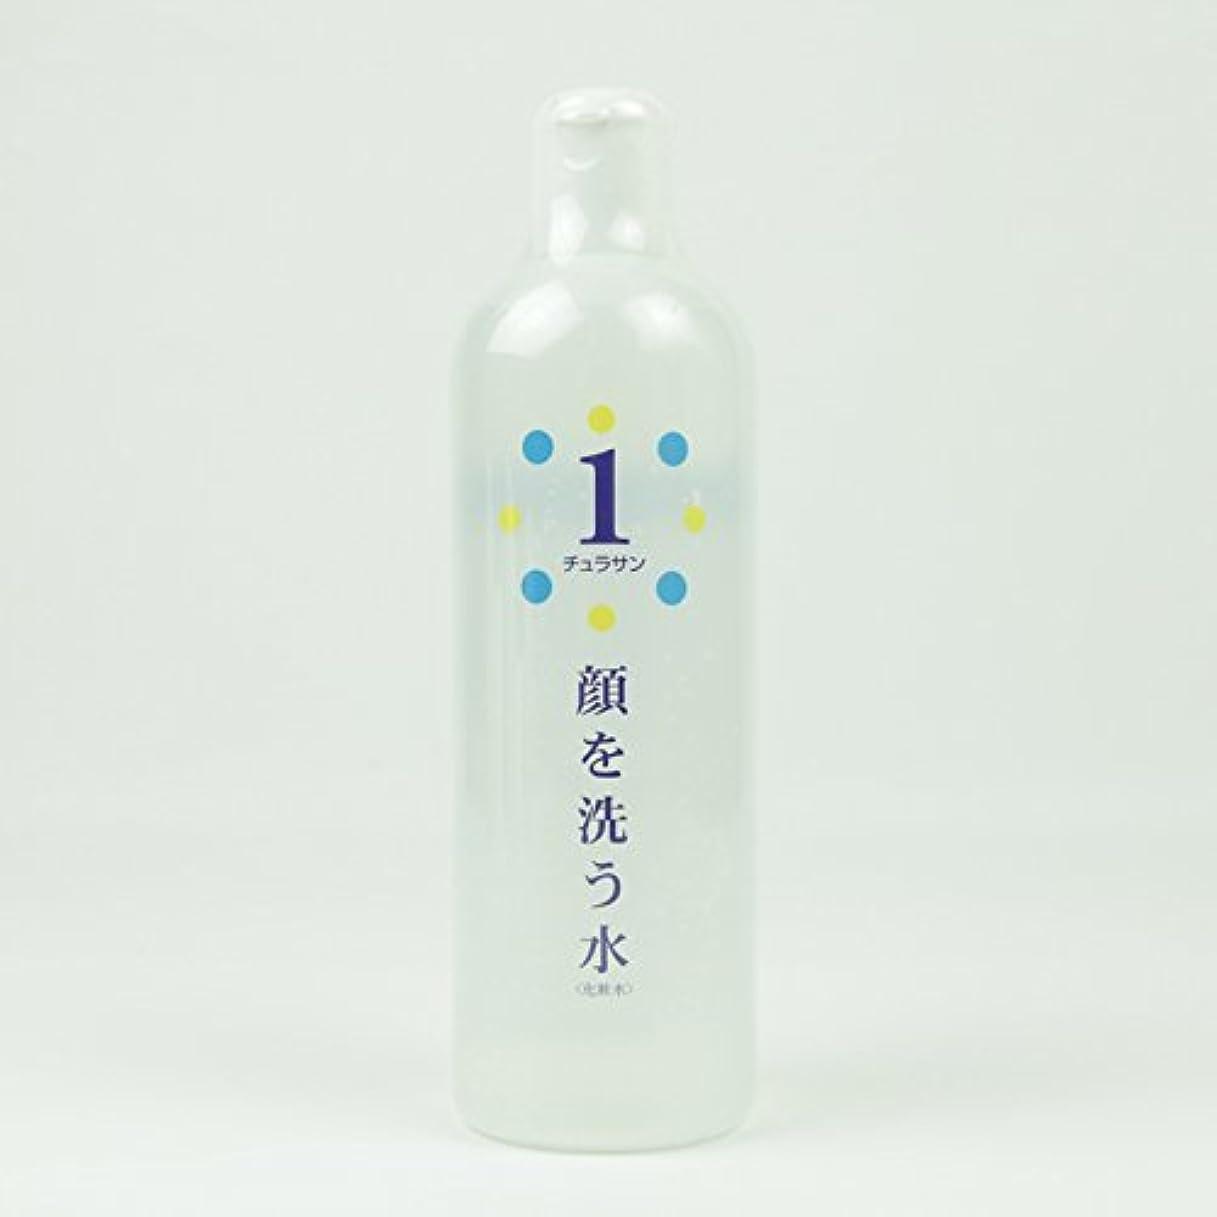 匹敵しますペレグリネーションまたチュラサン1 【顔を洗う水】 500ml